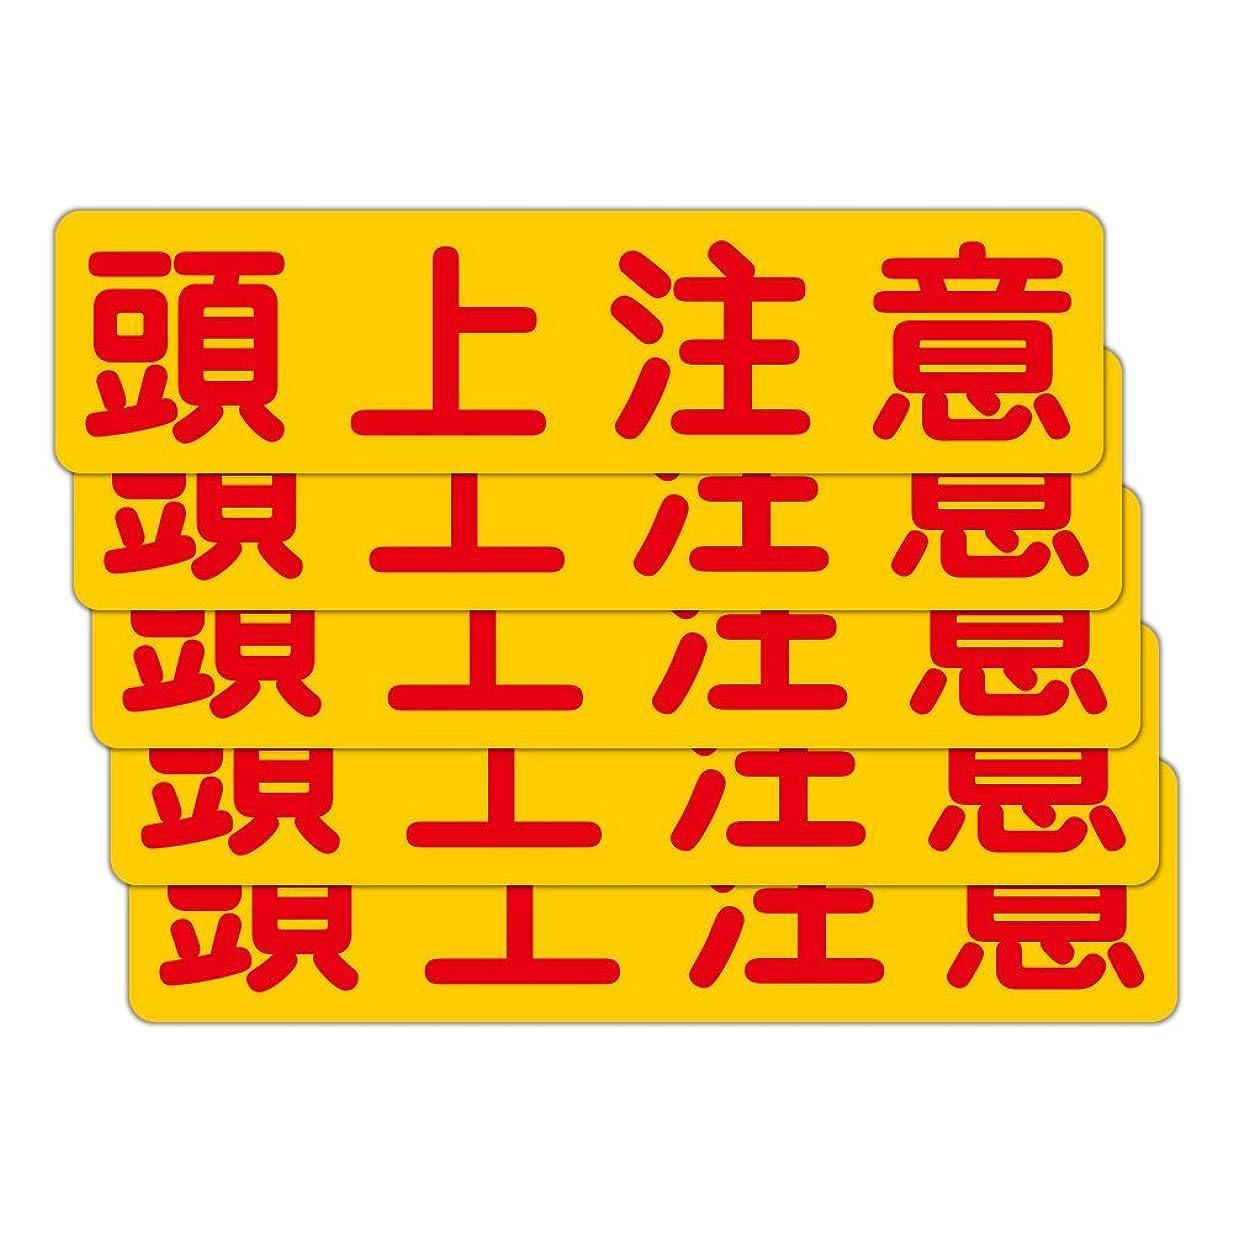 ぬれたレンジスペル「注意?警告 頭上注意」 床や路面に直接貼れる 路面表示ステッカー 300X75mm ヨコ型 5枚組